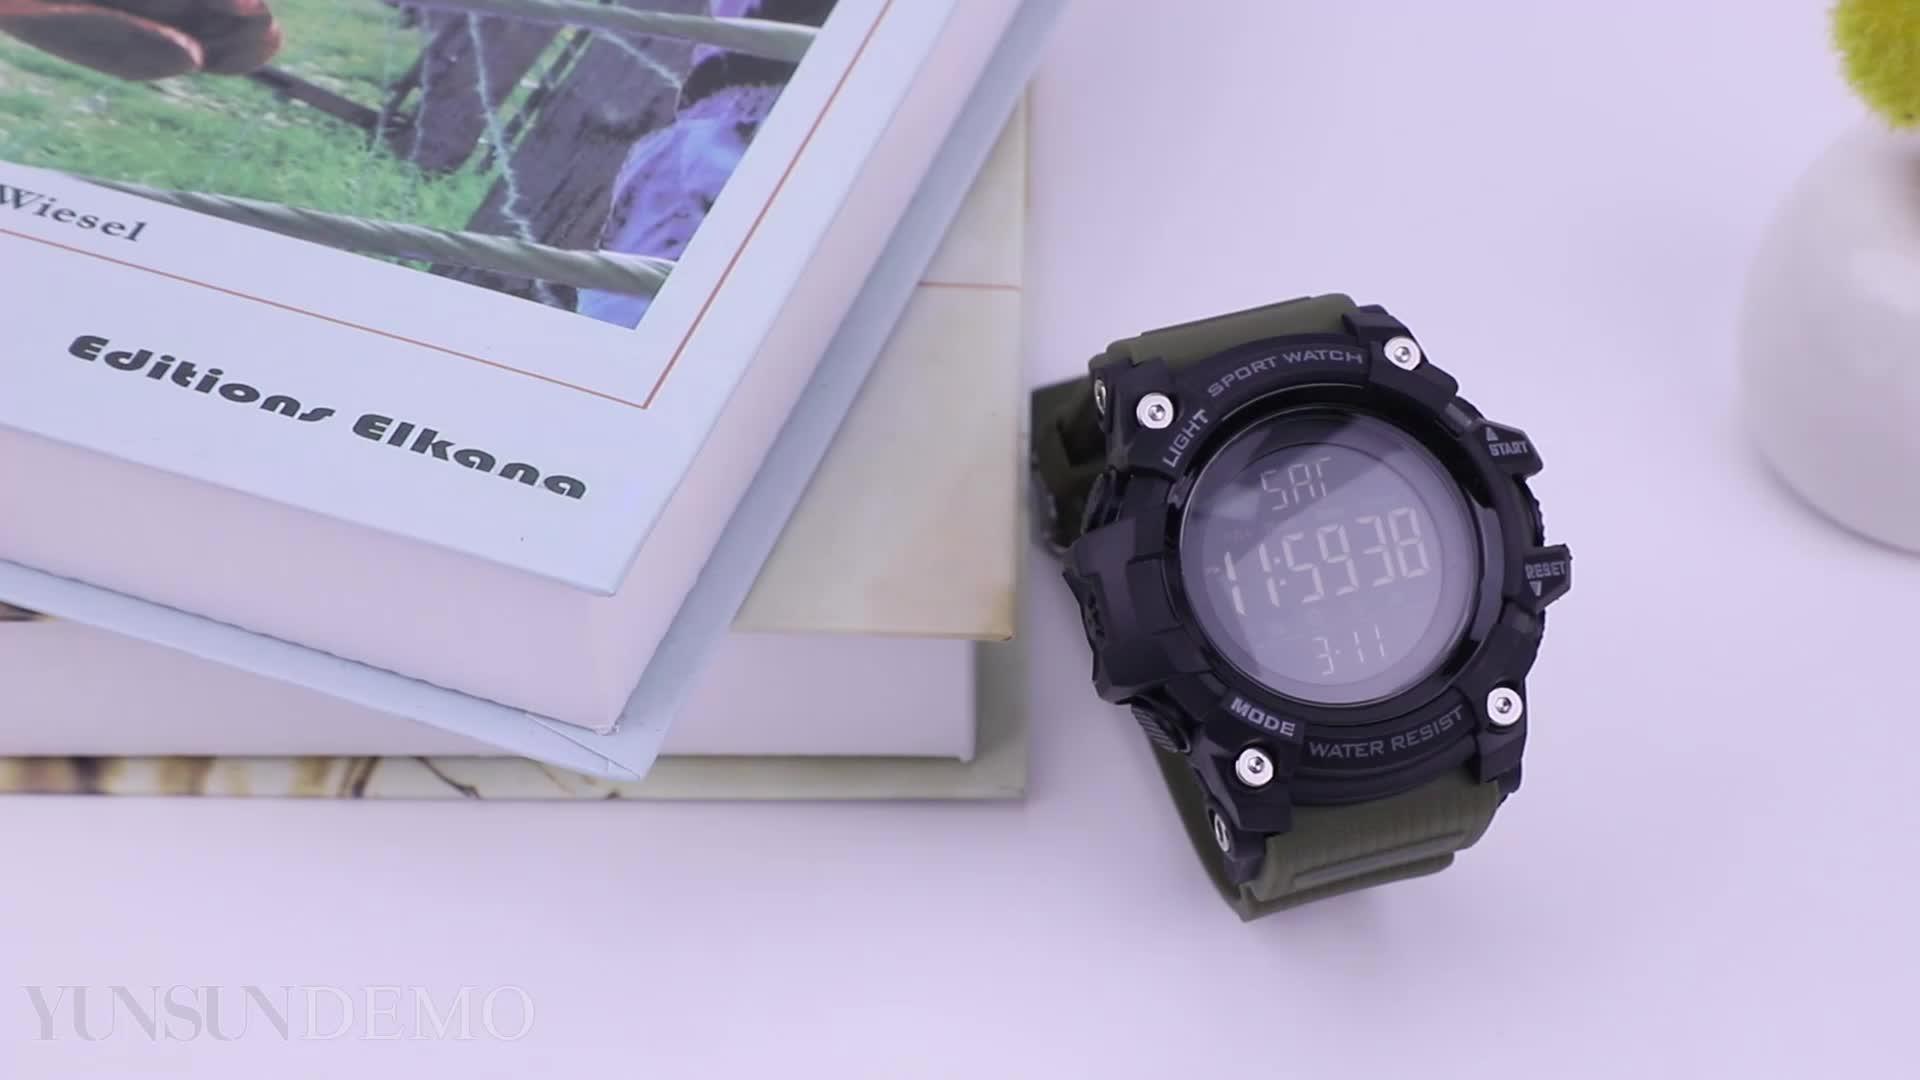 Nuevos relojes 2018 azul del reloj SKMEI 1384 La electrónicos impermeable deporte al aire libre de plástico Digital Reloj de pulsera